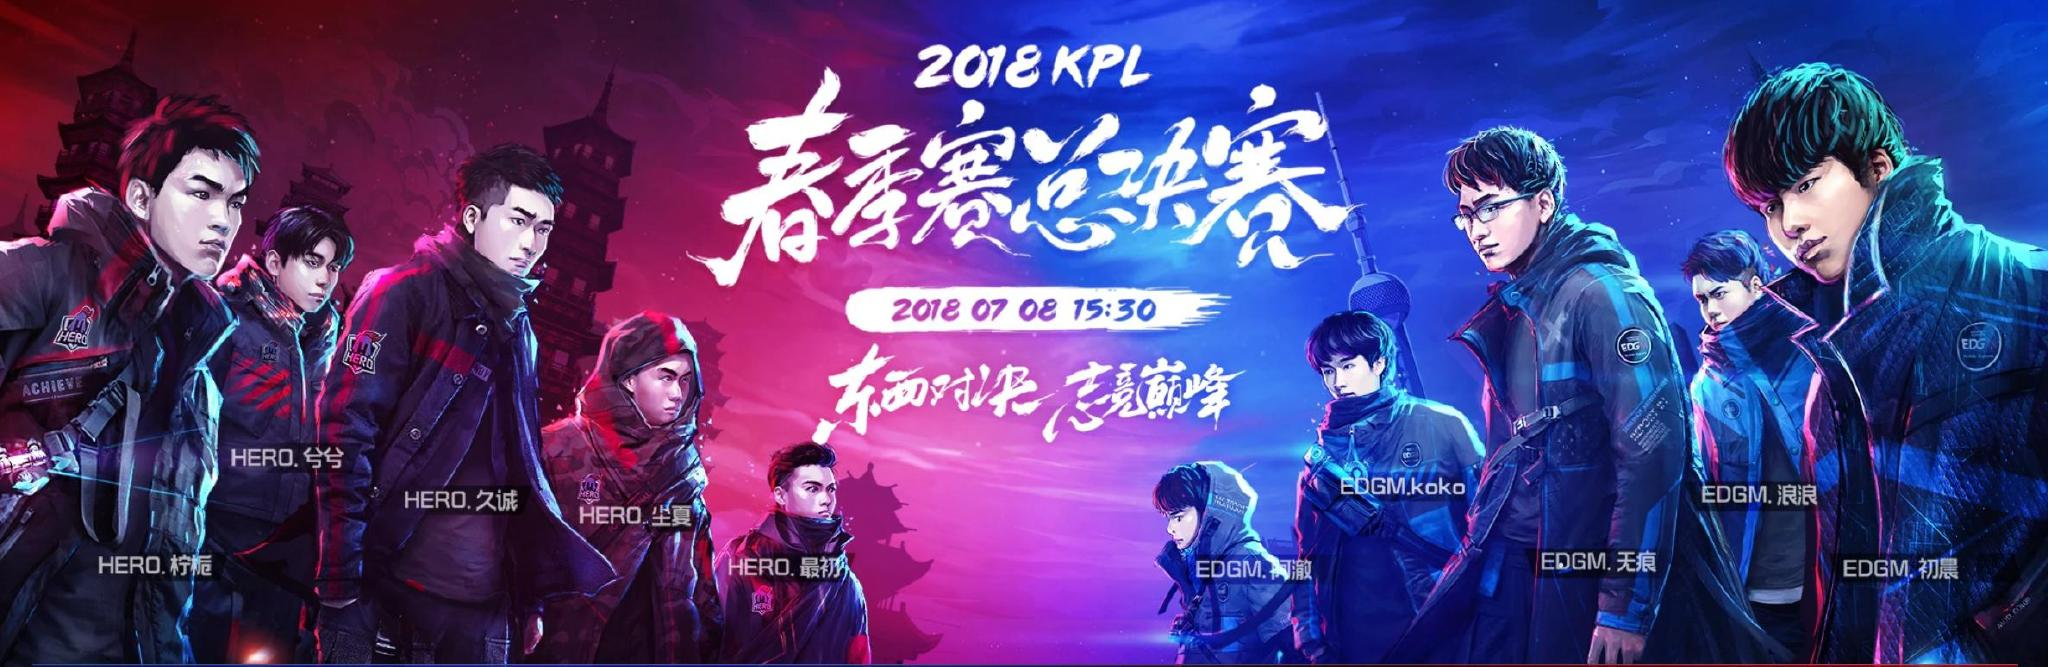 2018KPL春季总决赛开战 斗鱼直播邀你见证新王者诞生